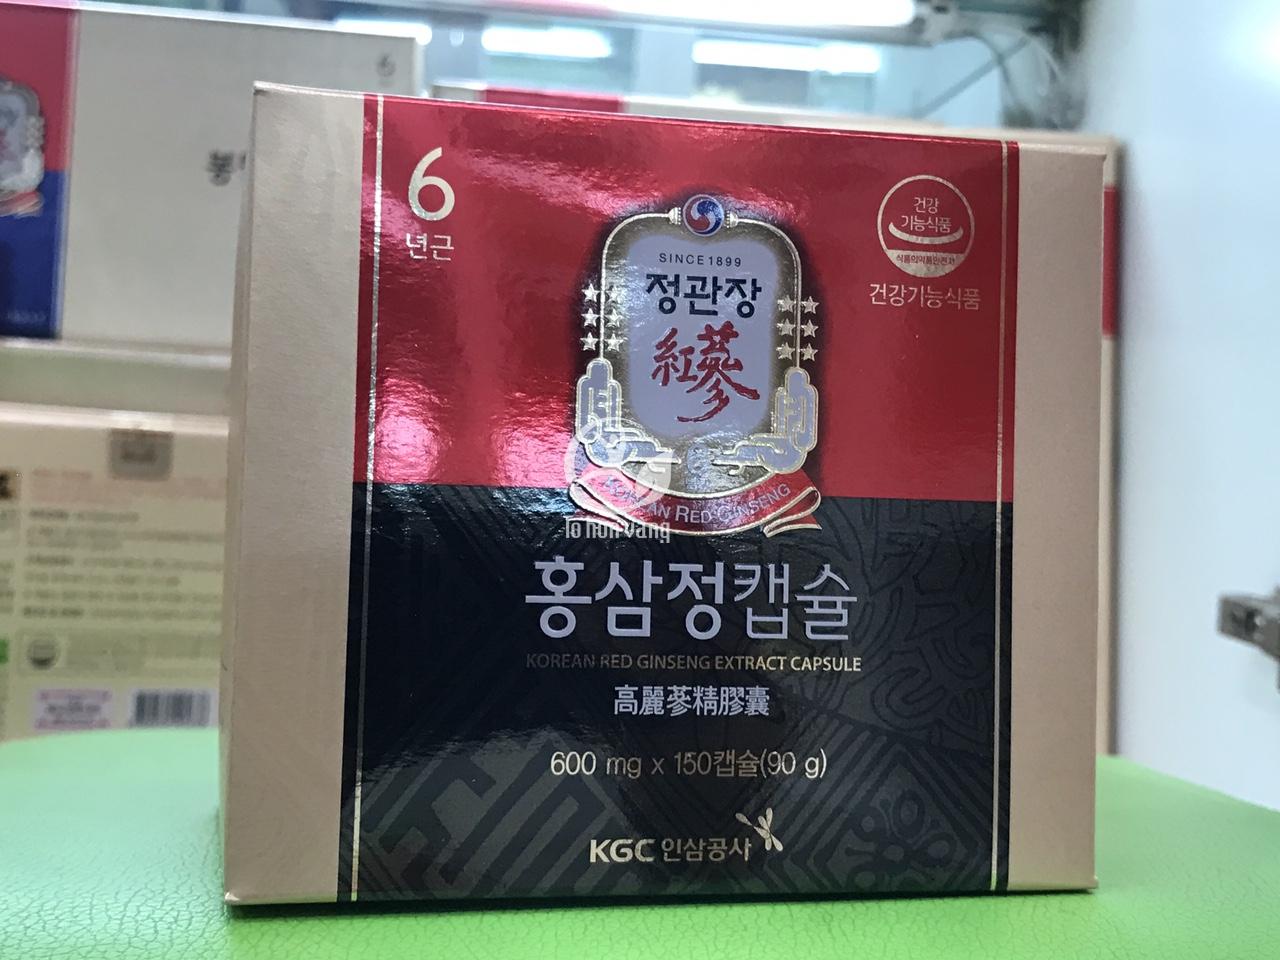 Hình ảnh viên hồng sâm chính phủ Hàn Quốc KGC 100 viên x 3 hộp